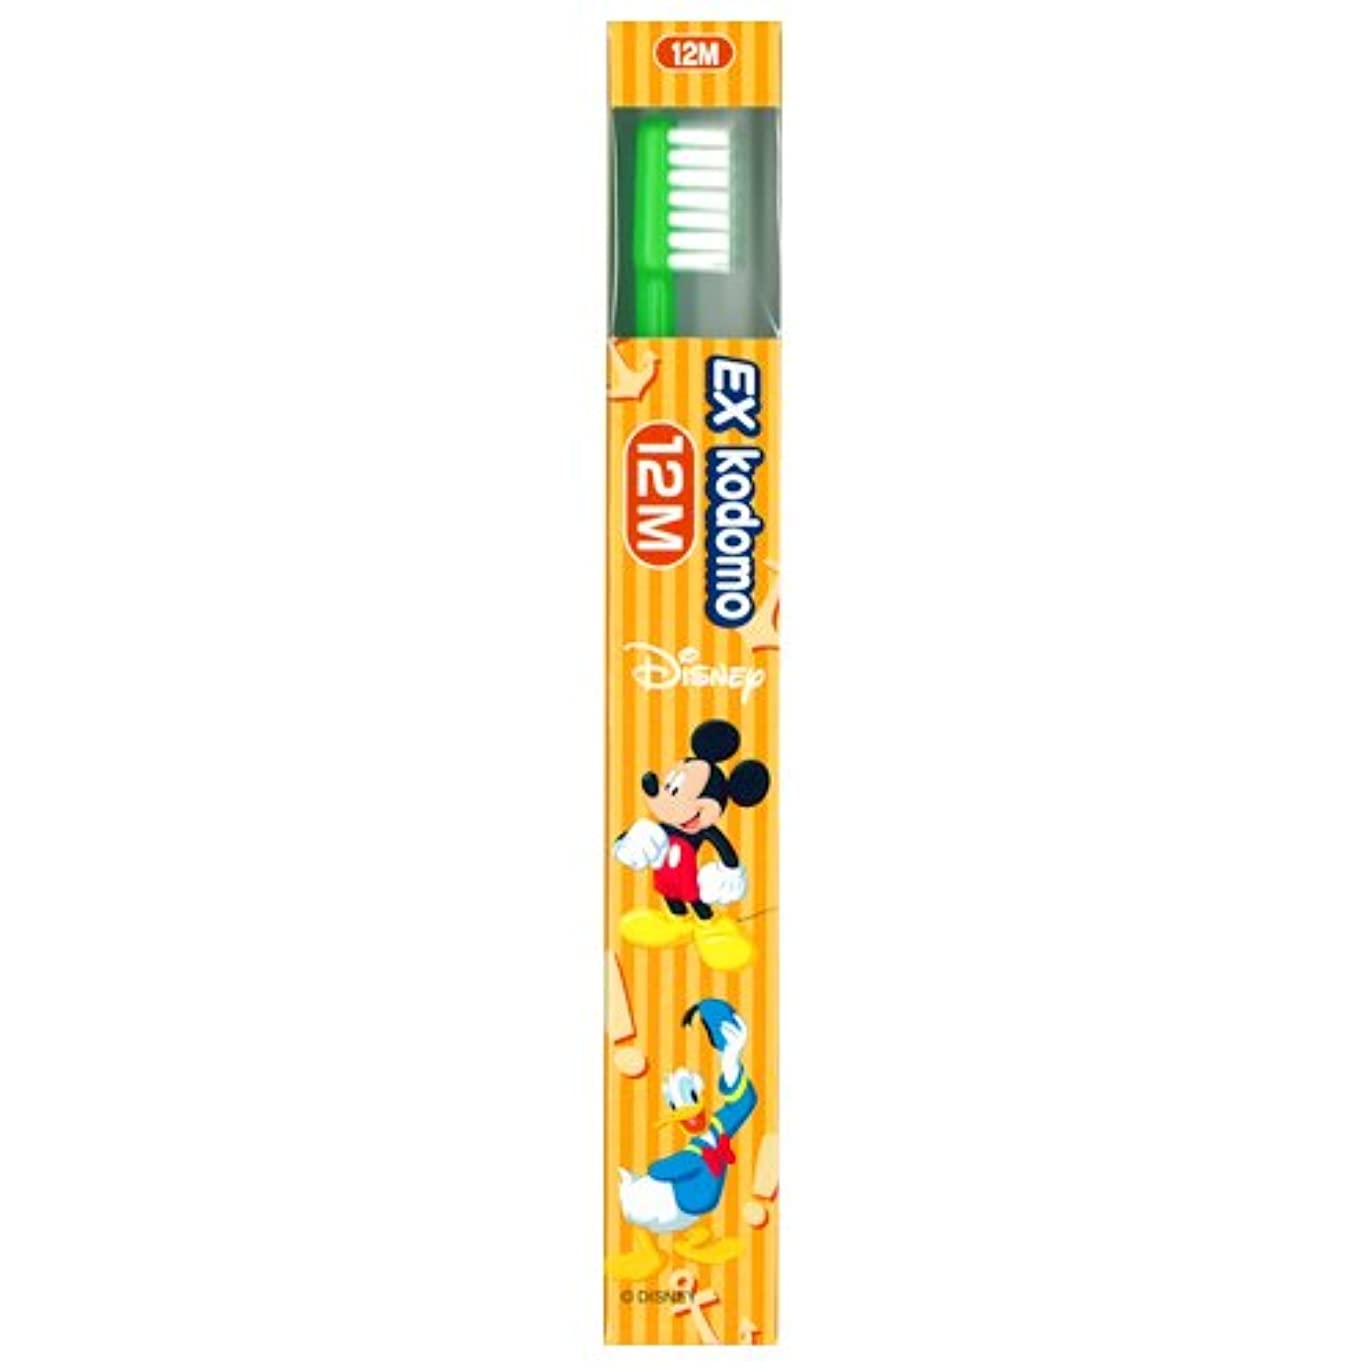 破壊粗い貫入ライオン EX kodomo ディズニー 歯ブラシ 1本 12M グリーン